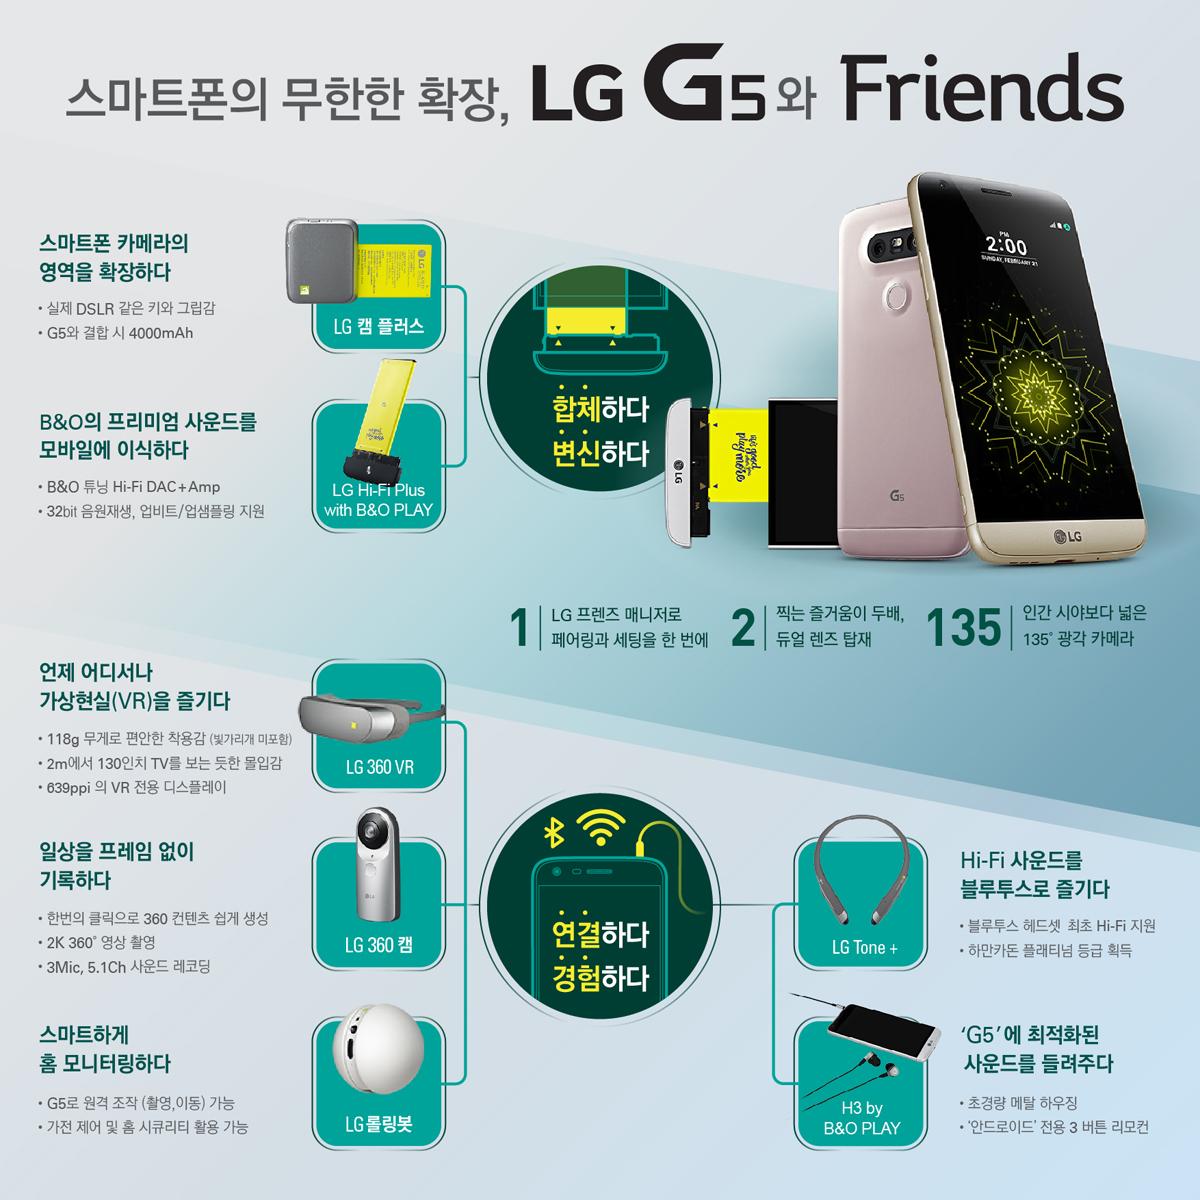 스마트폰의 무한한 확장, LG G5와 프렌즈 인포그래픽